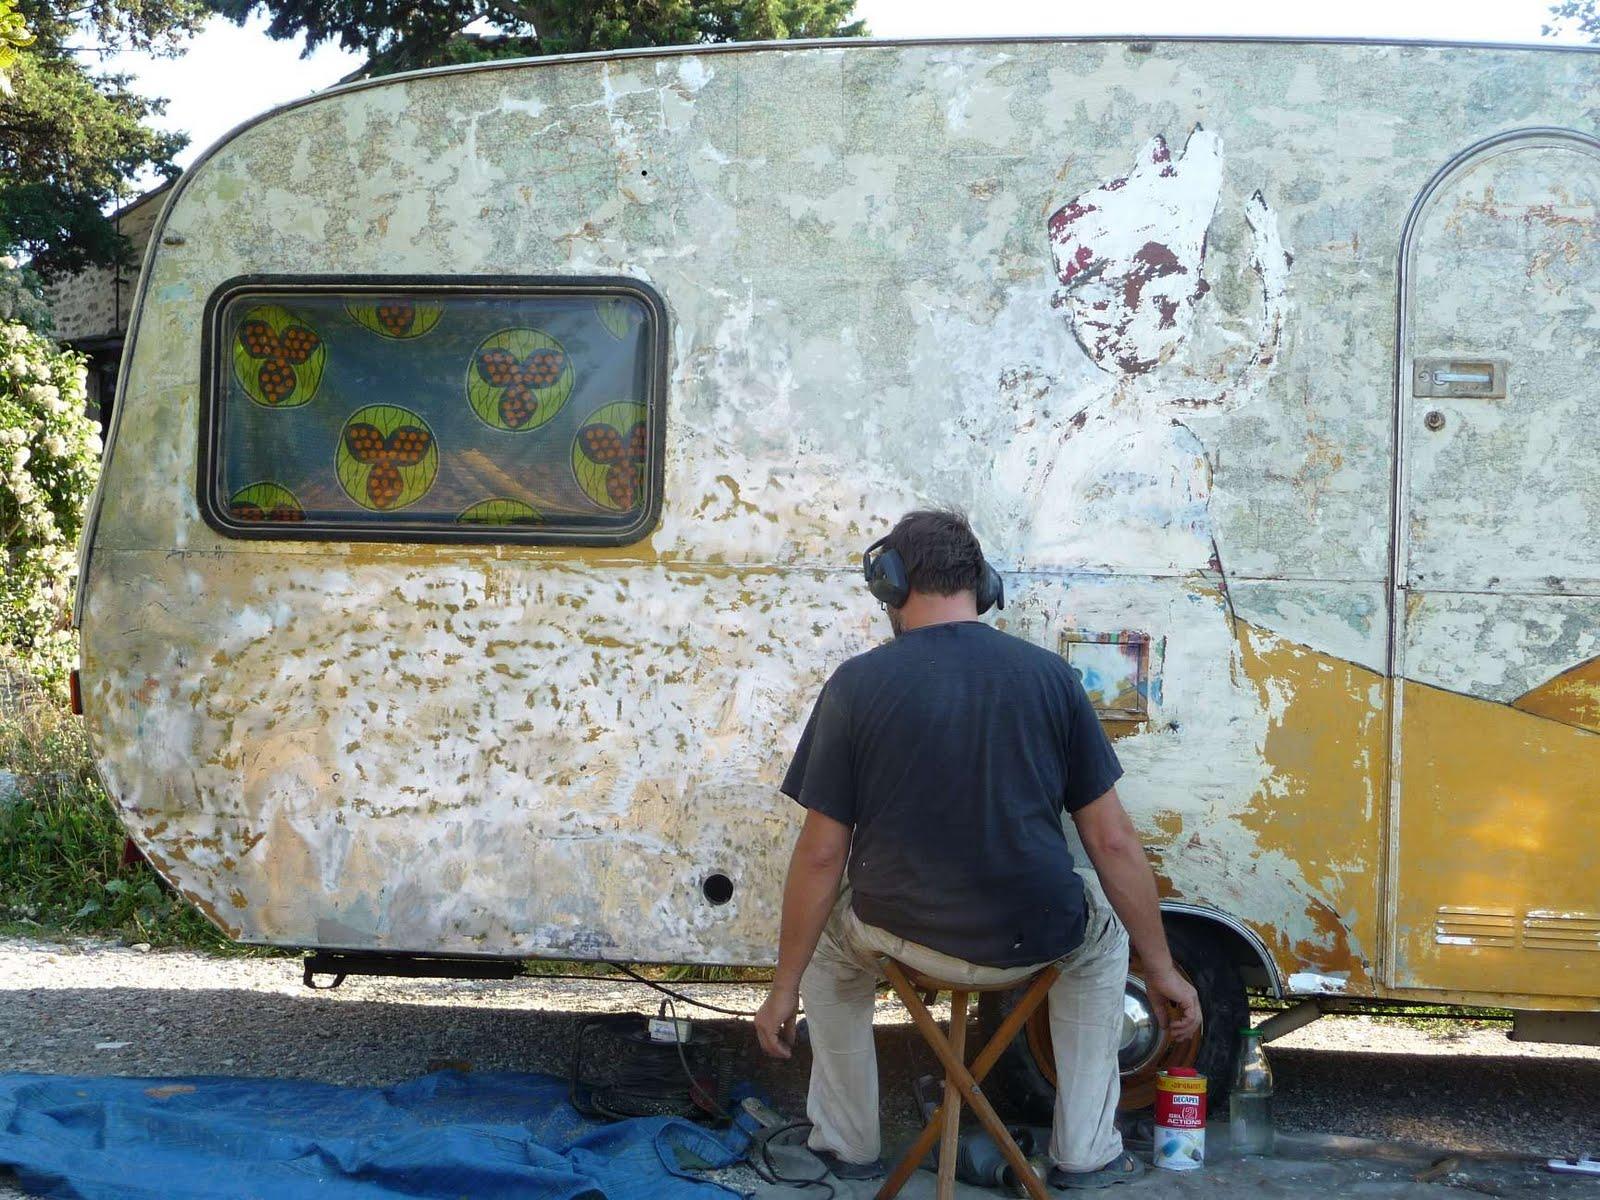 ATELIER DES ZARKYROUL: Restauration de la caravane, ponçage